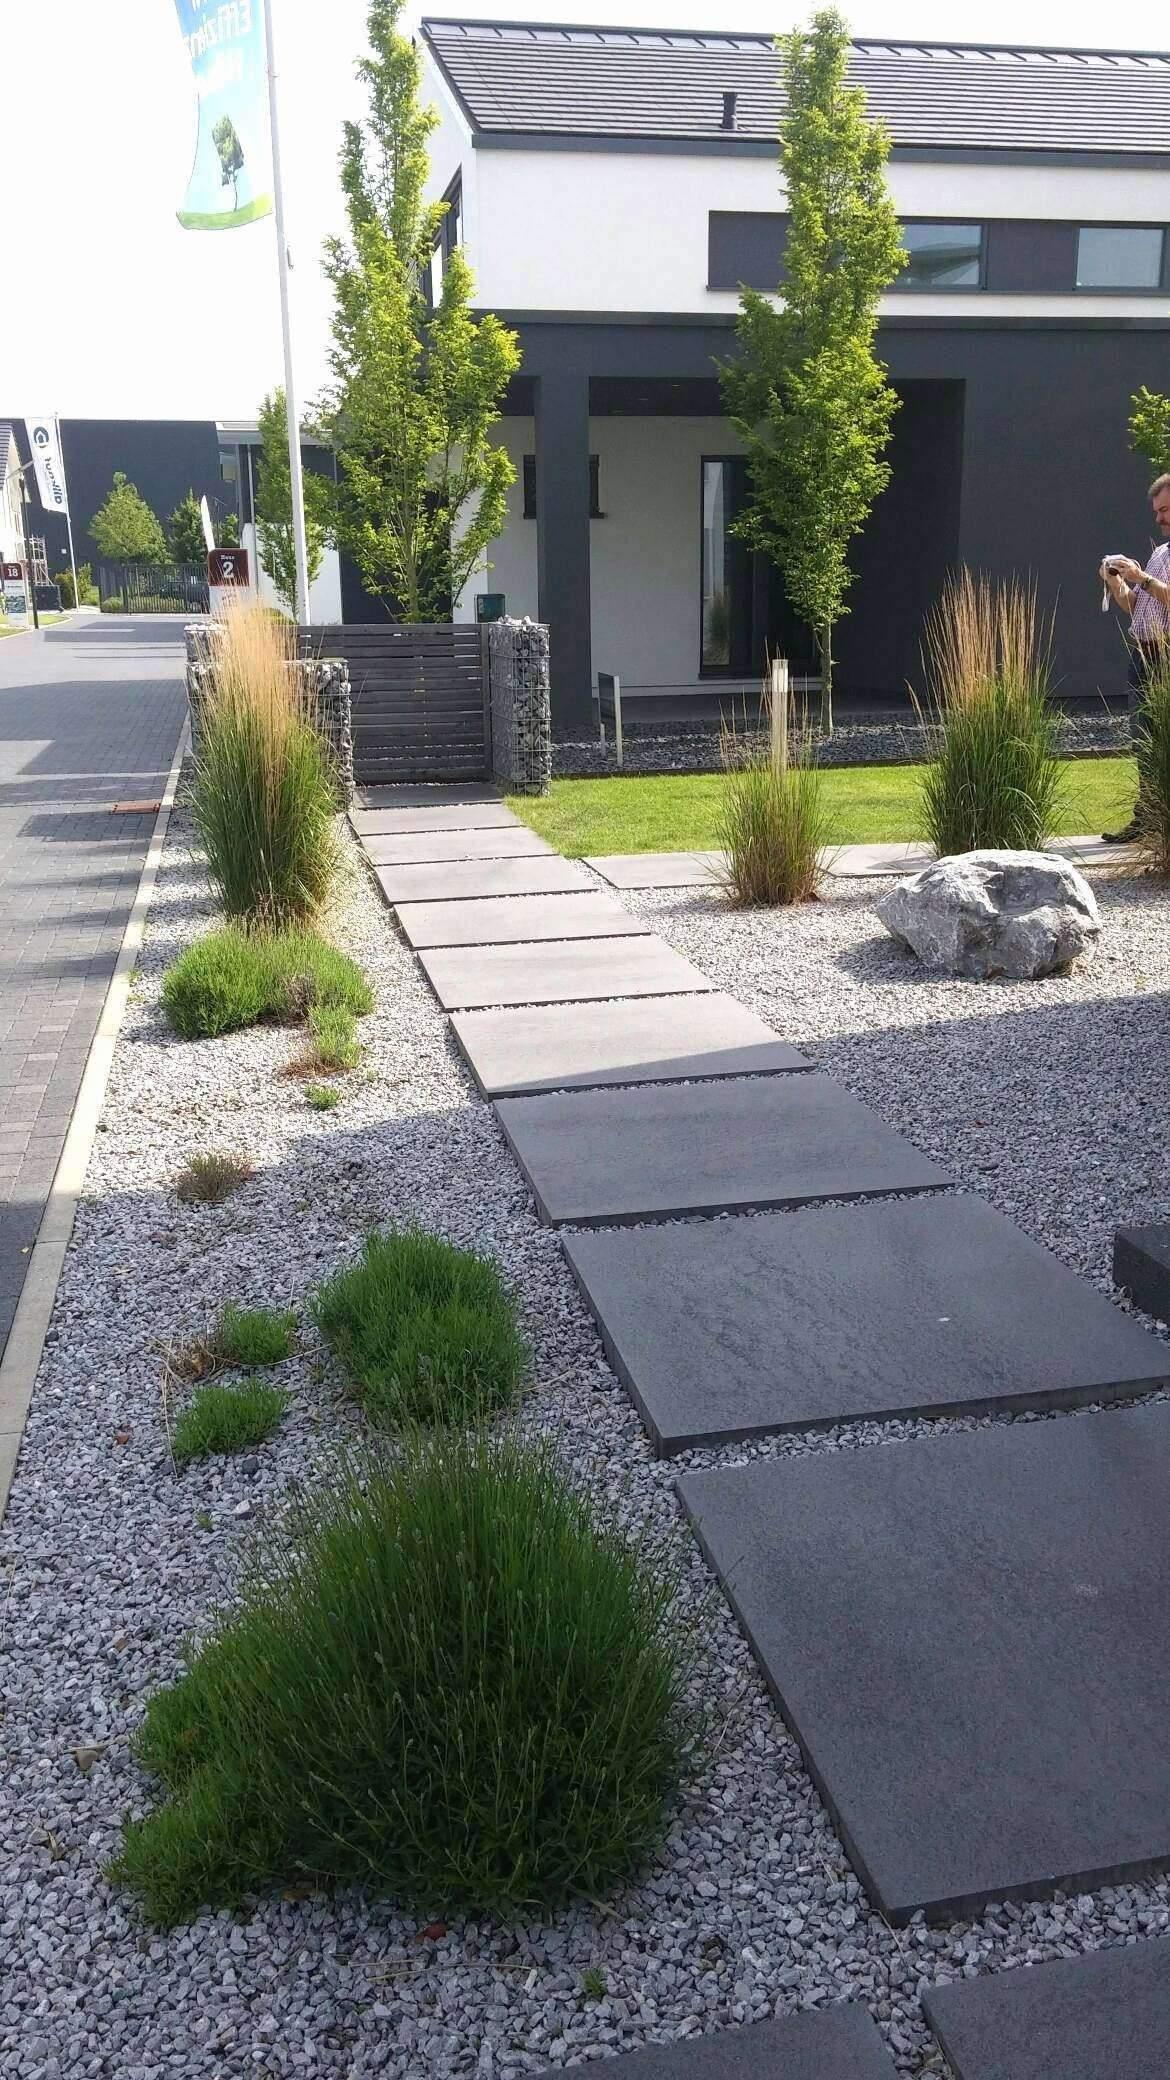 Garten Gestalten Einfach Inspirierend Garten Ideas Garten Anlegen Lovely Aussenleuchten Garten 0d